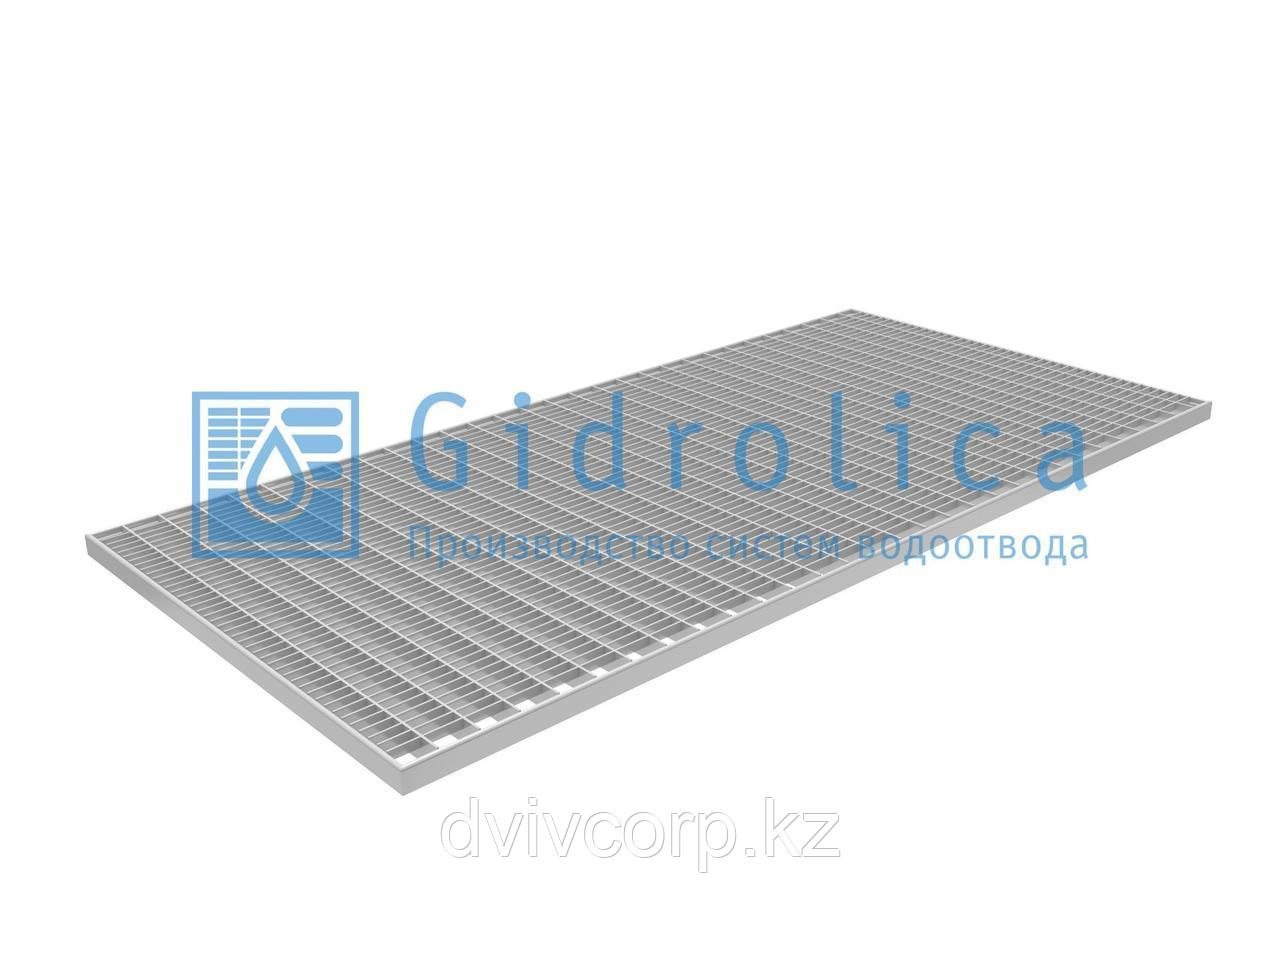 Арт. 302 Решетка Gidrolica Step Pro 490х990мм - стальная ячеистая оцинкованная